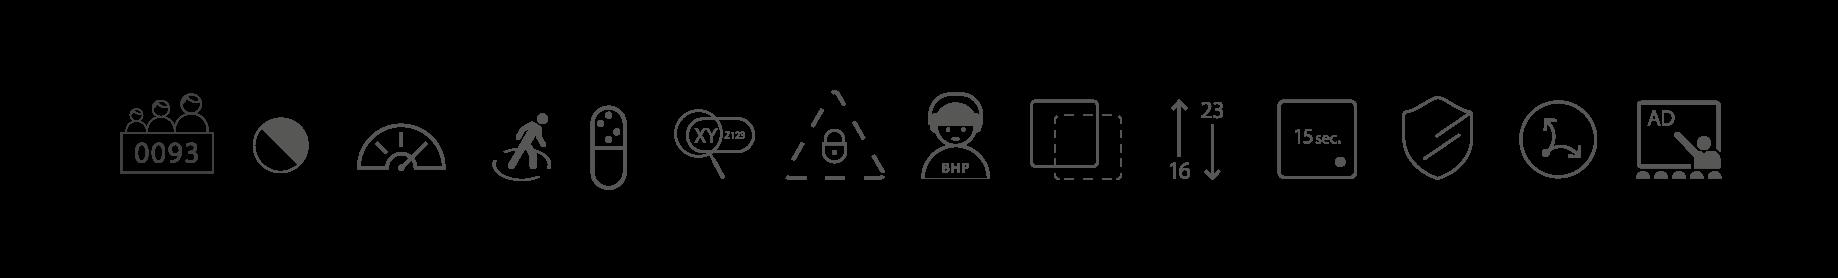 Podstawowe funkcje systemu banner